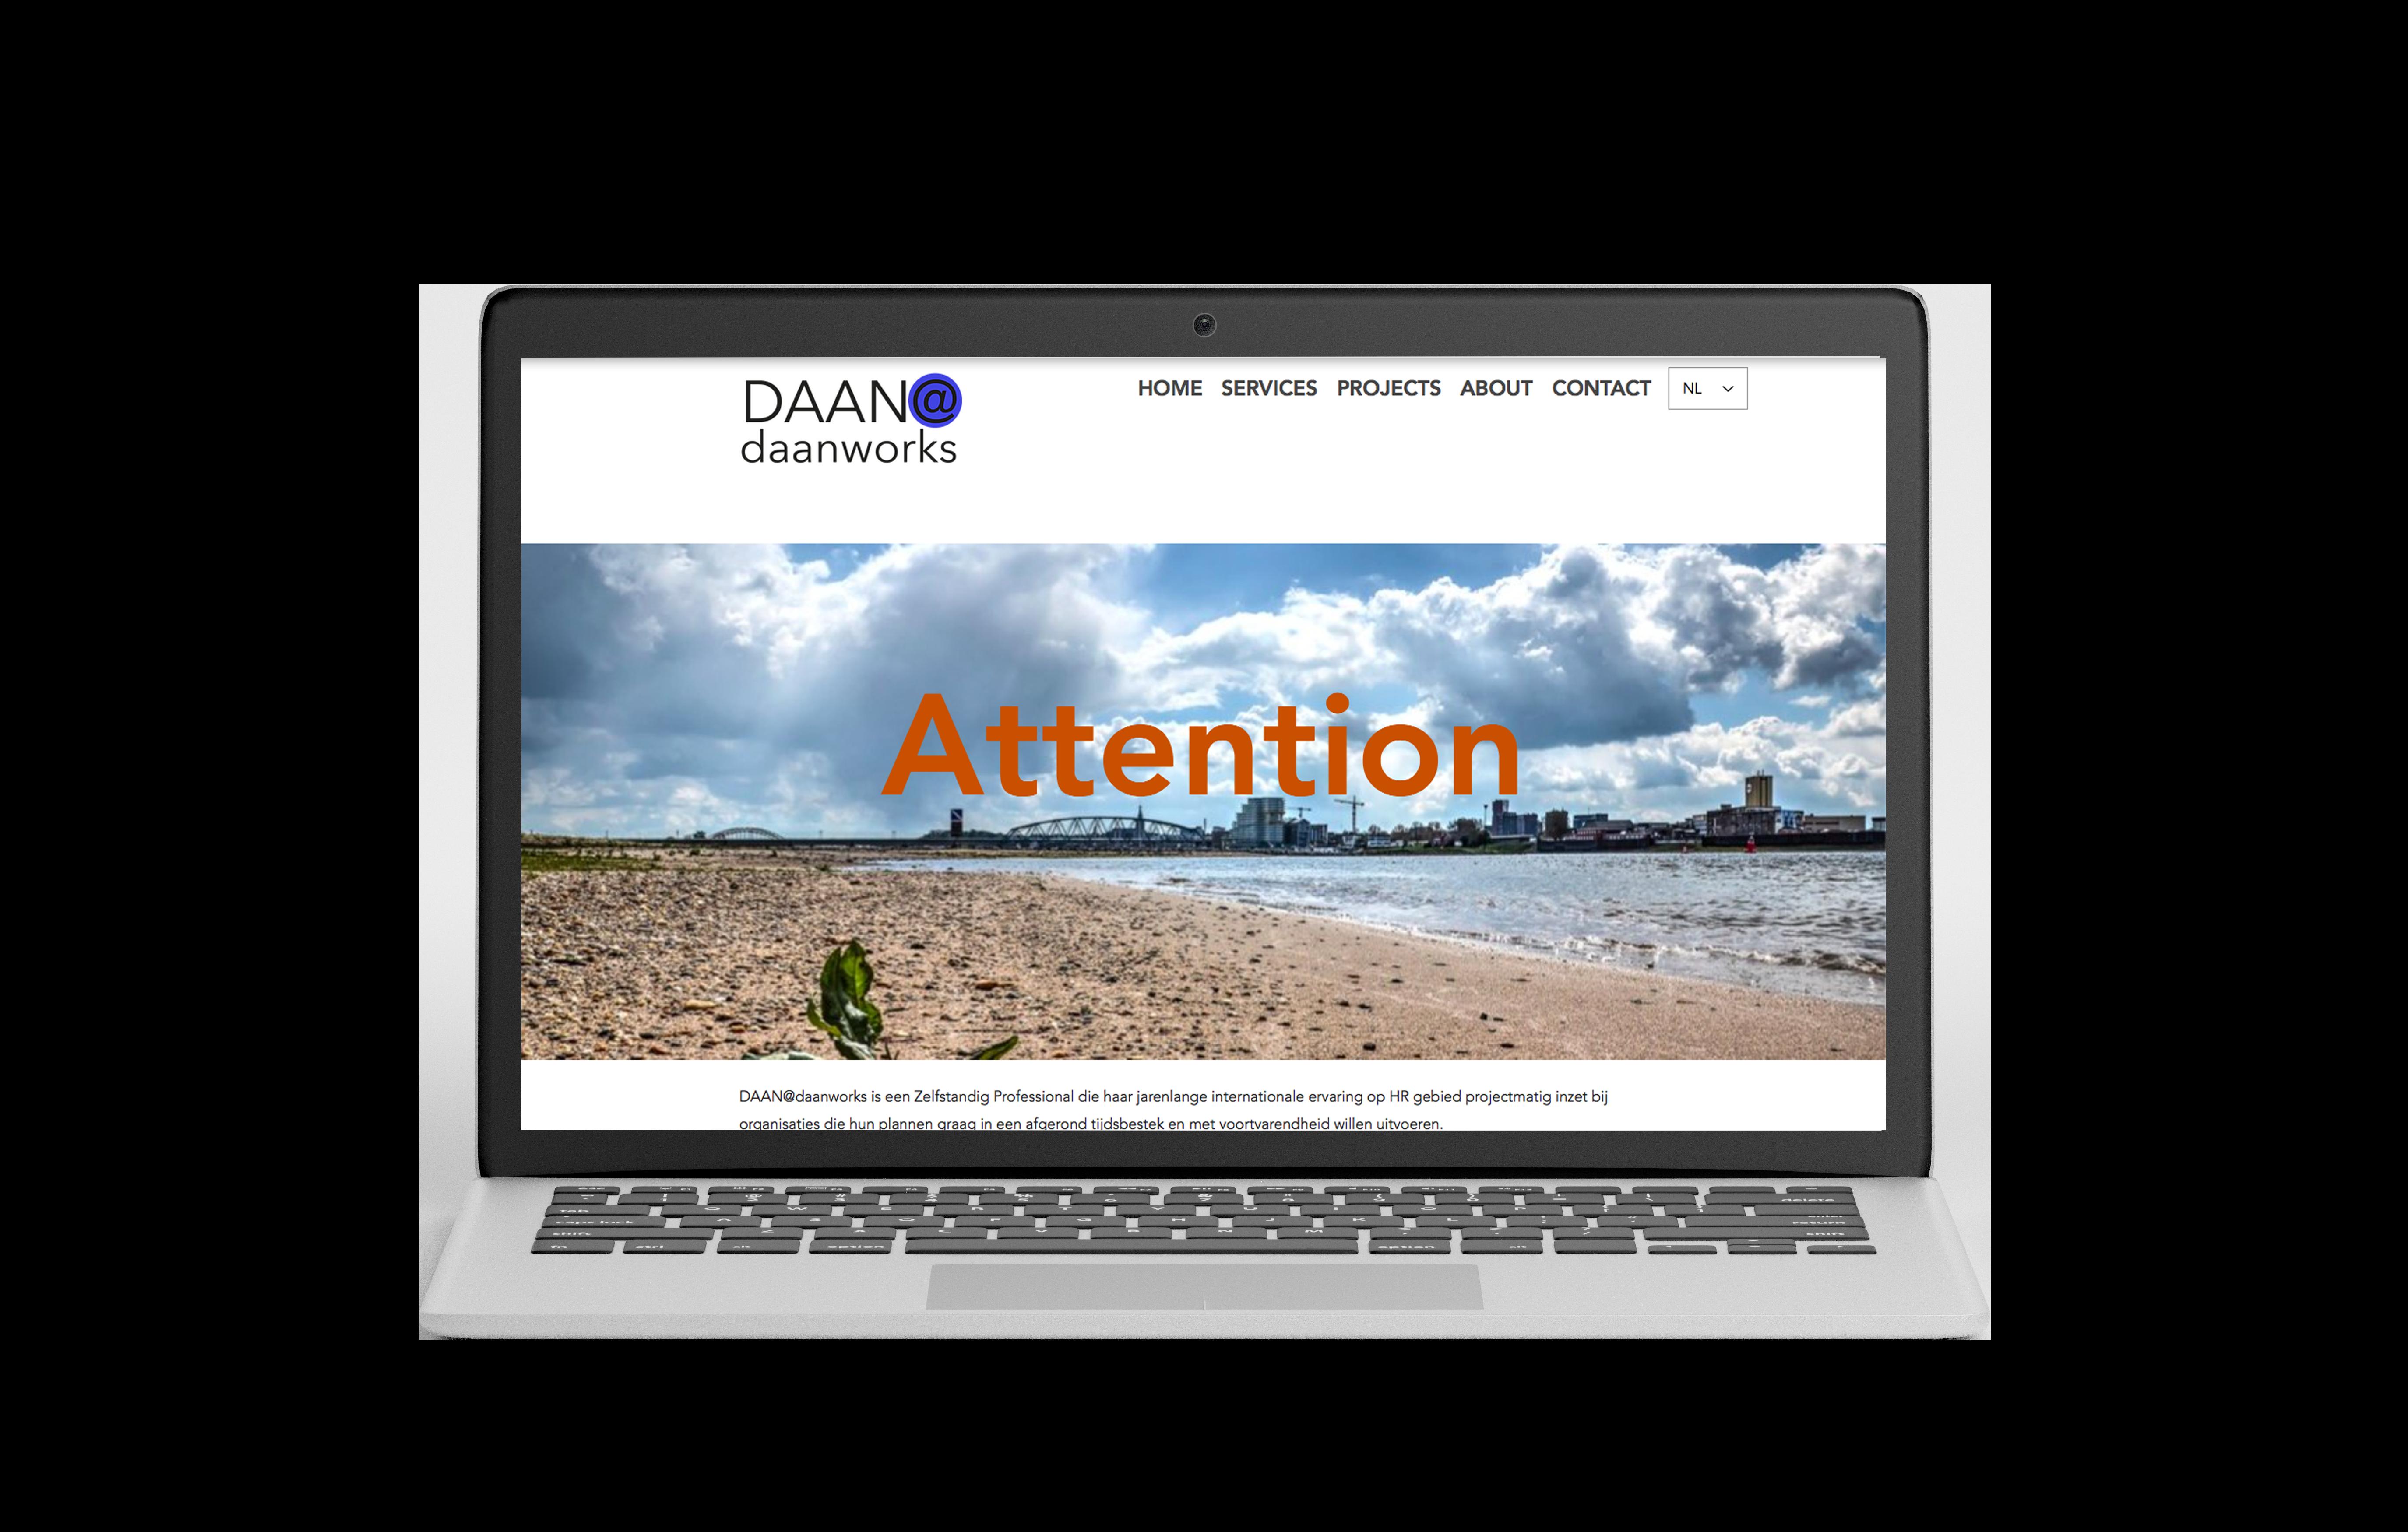 Website Daan@daanworks